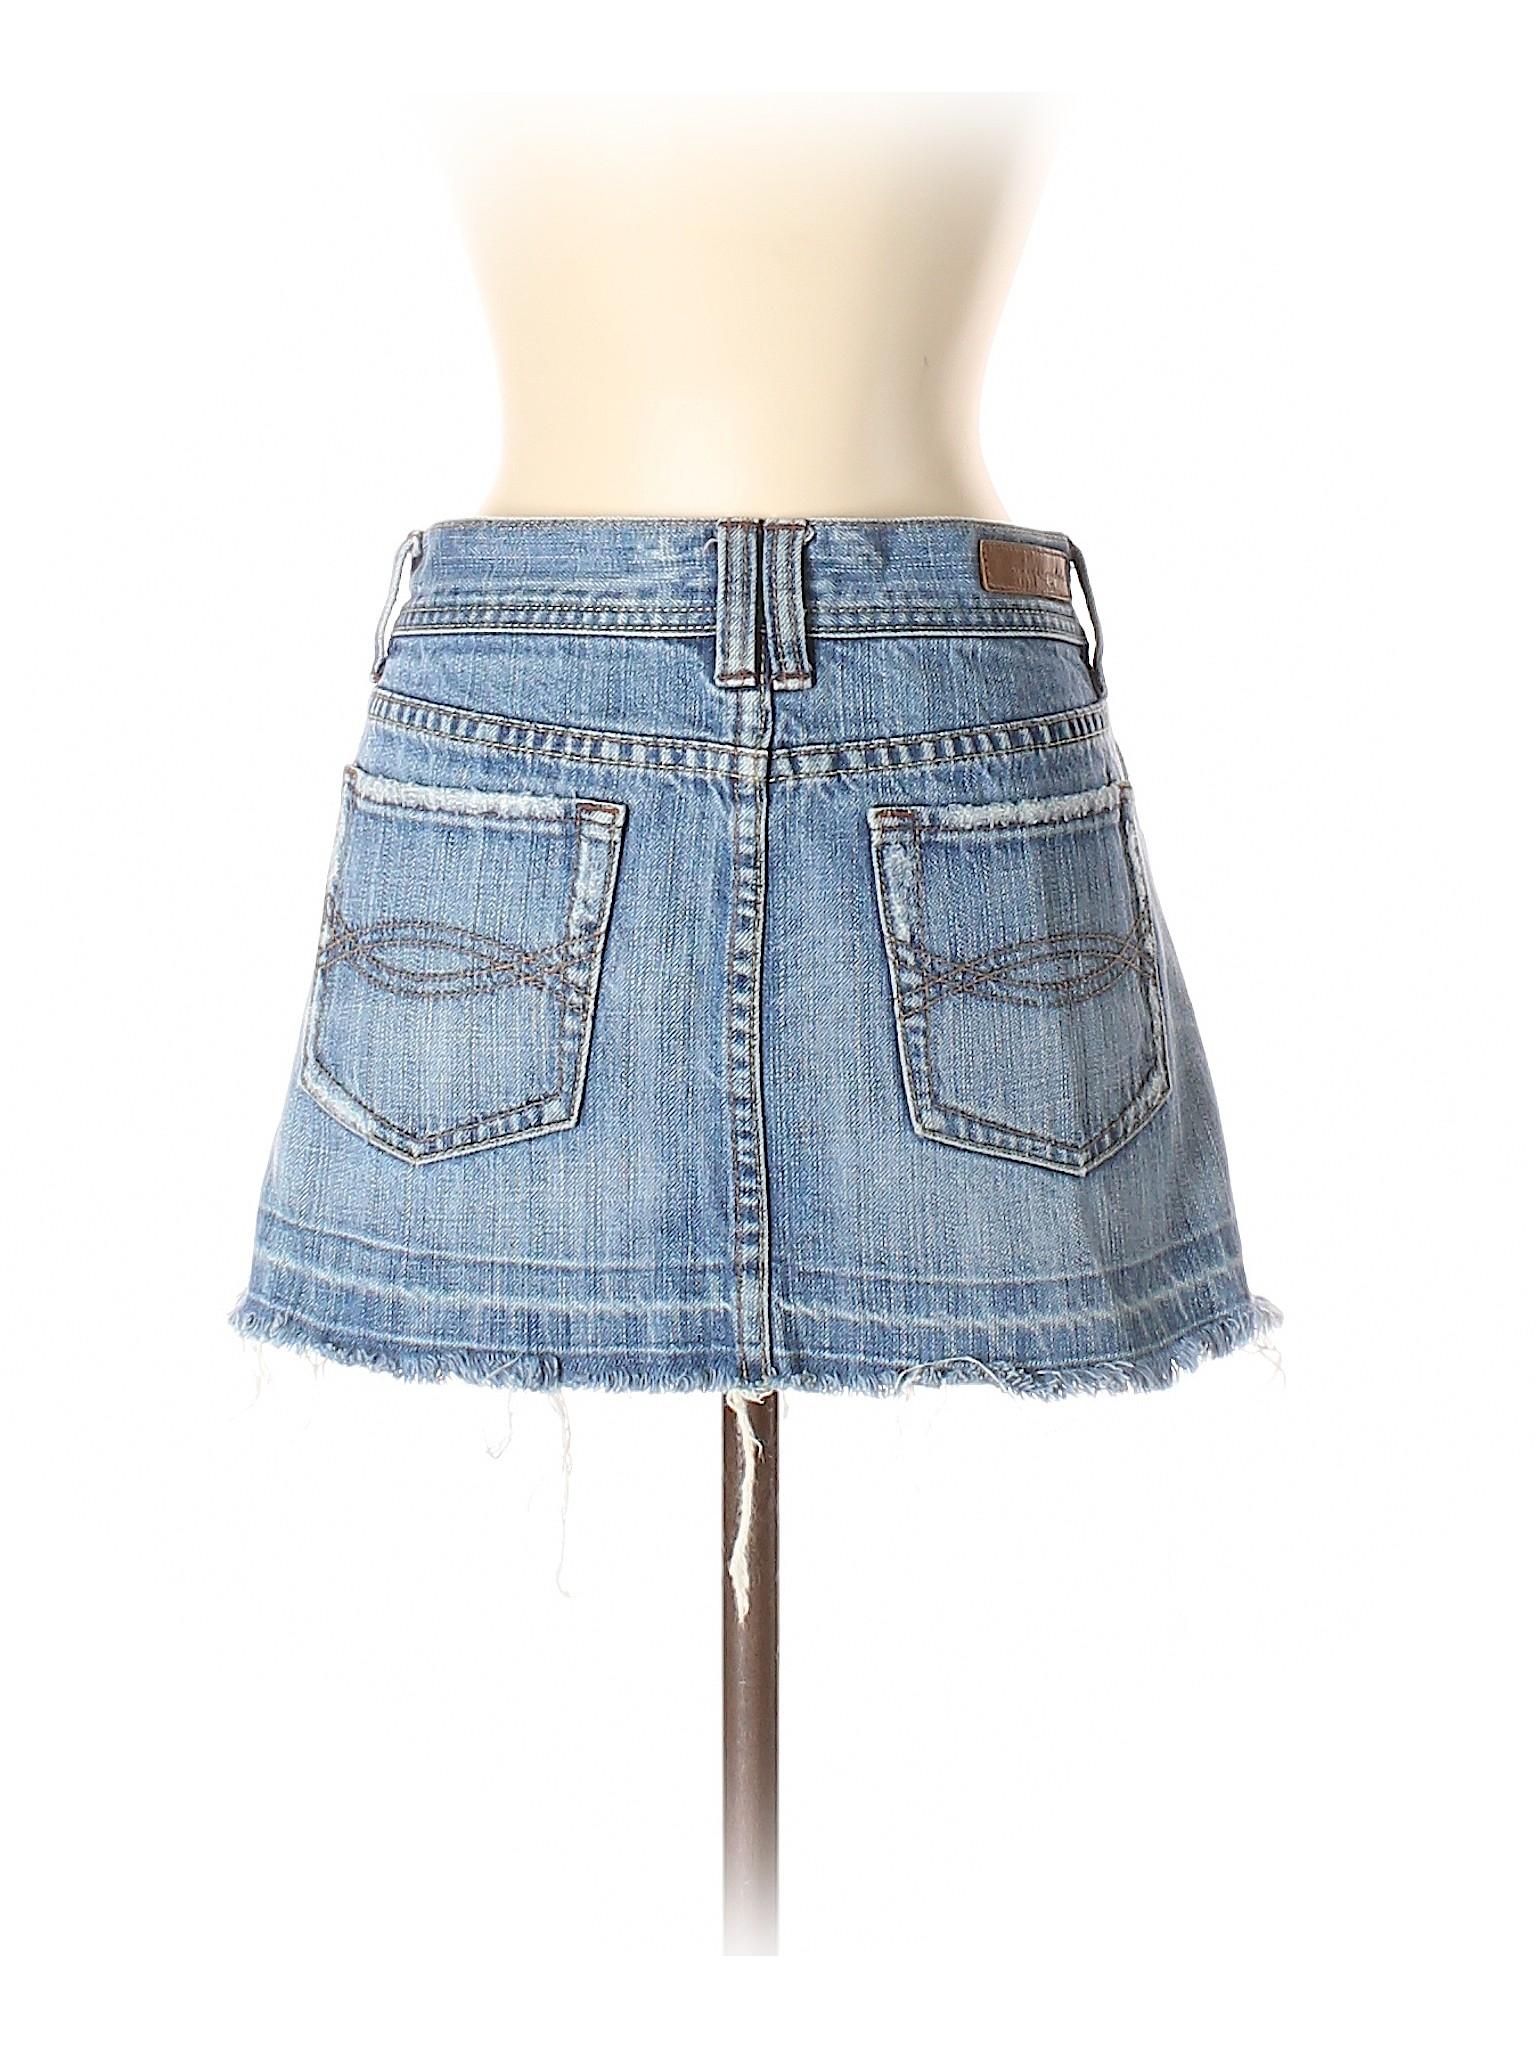 Denim Skirt Boutique Skirt Boutique Denim Skirt Denim Boutique Denim Denim Boutique Boutique Skirt Pq6TwT